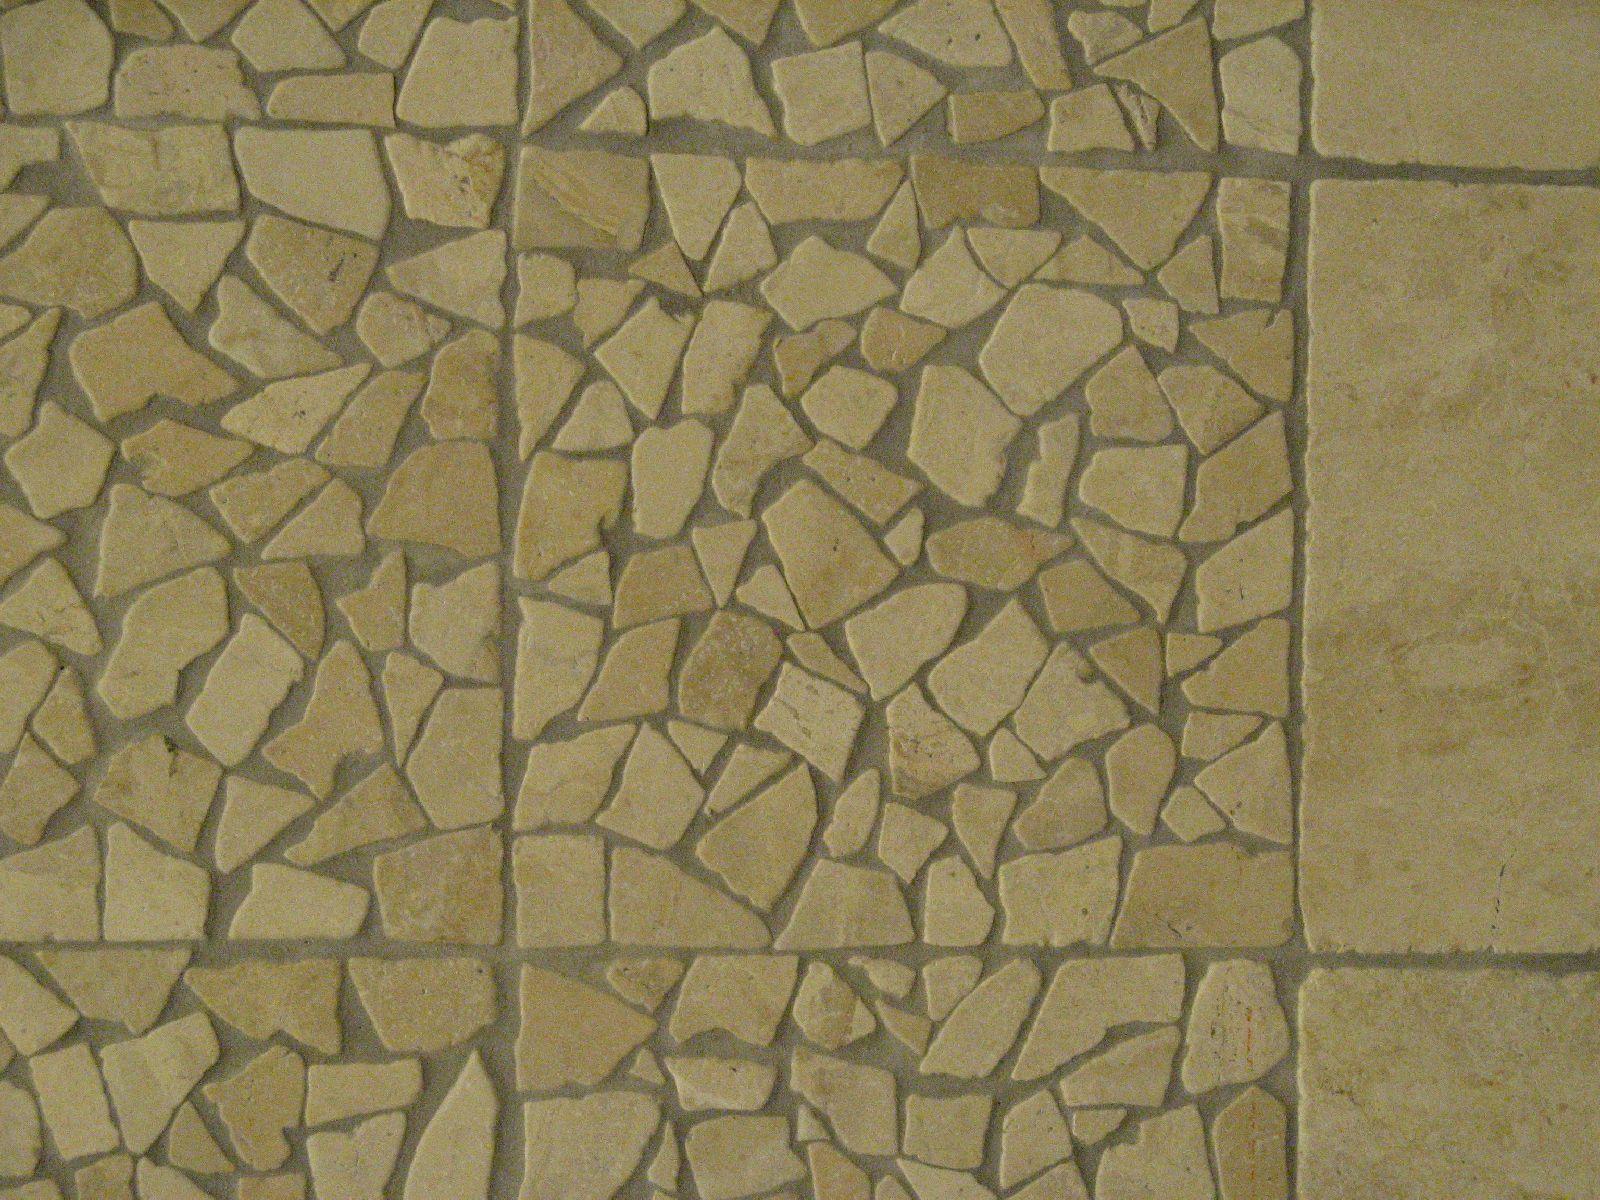 Ground-Urban_Texture_B_4758